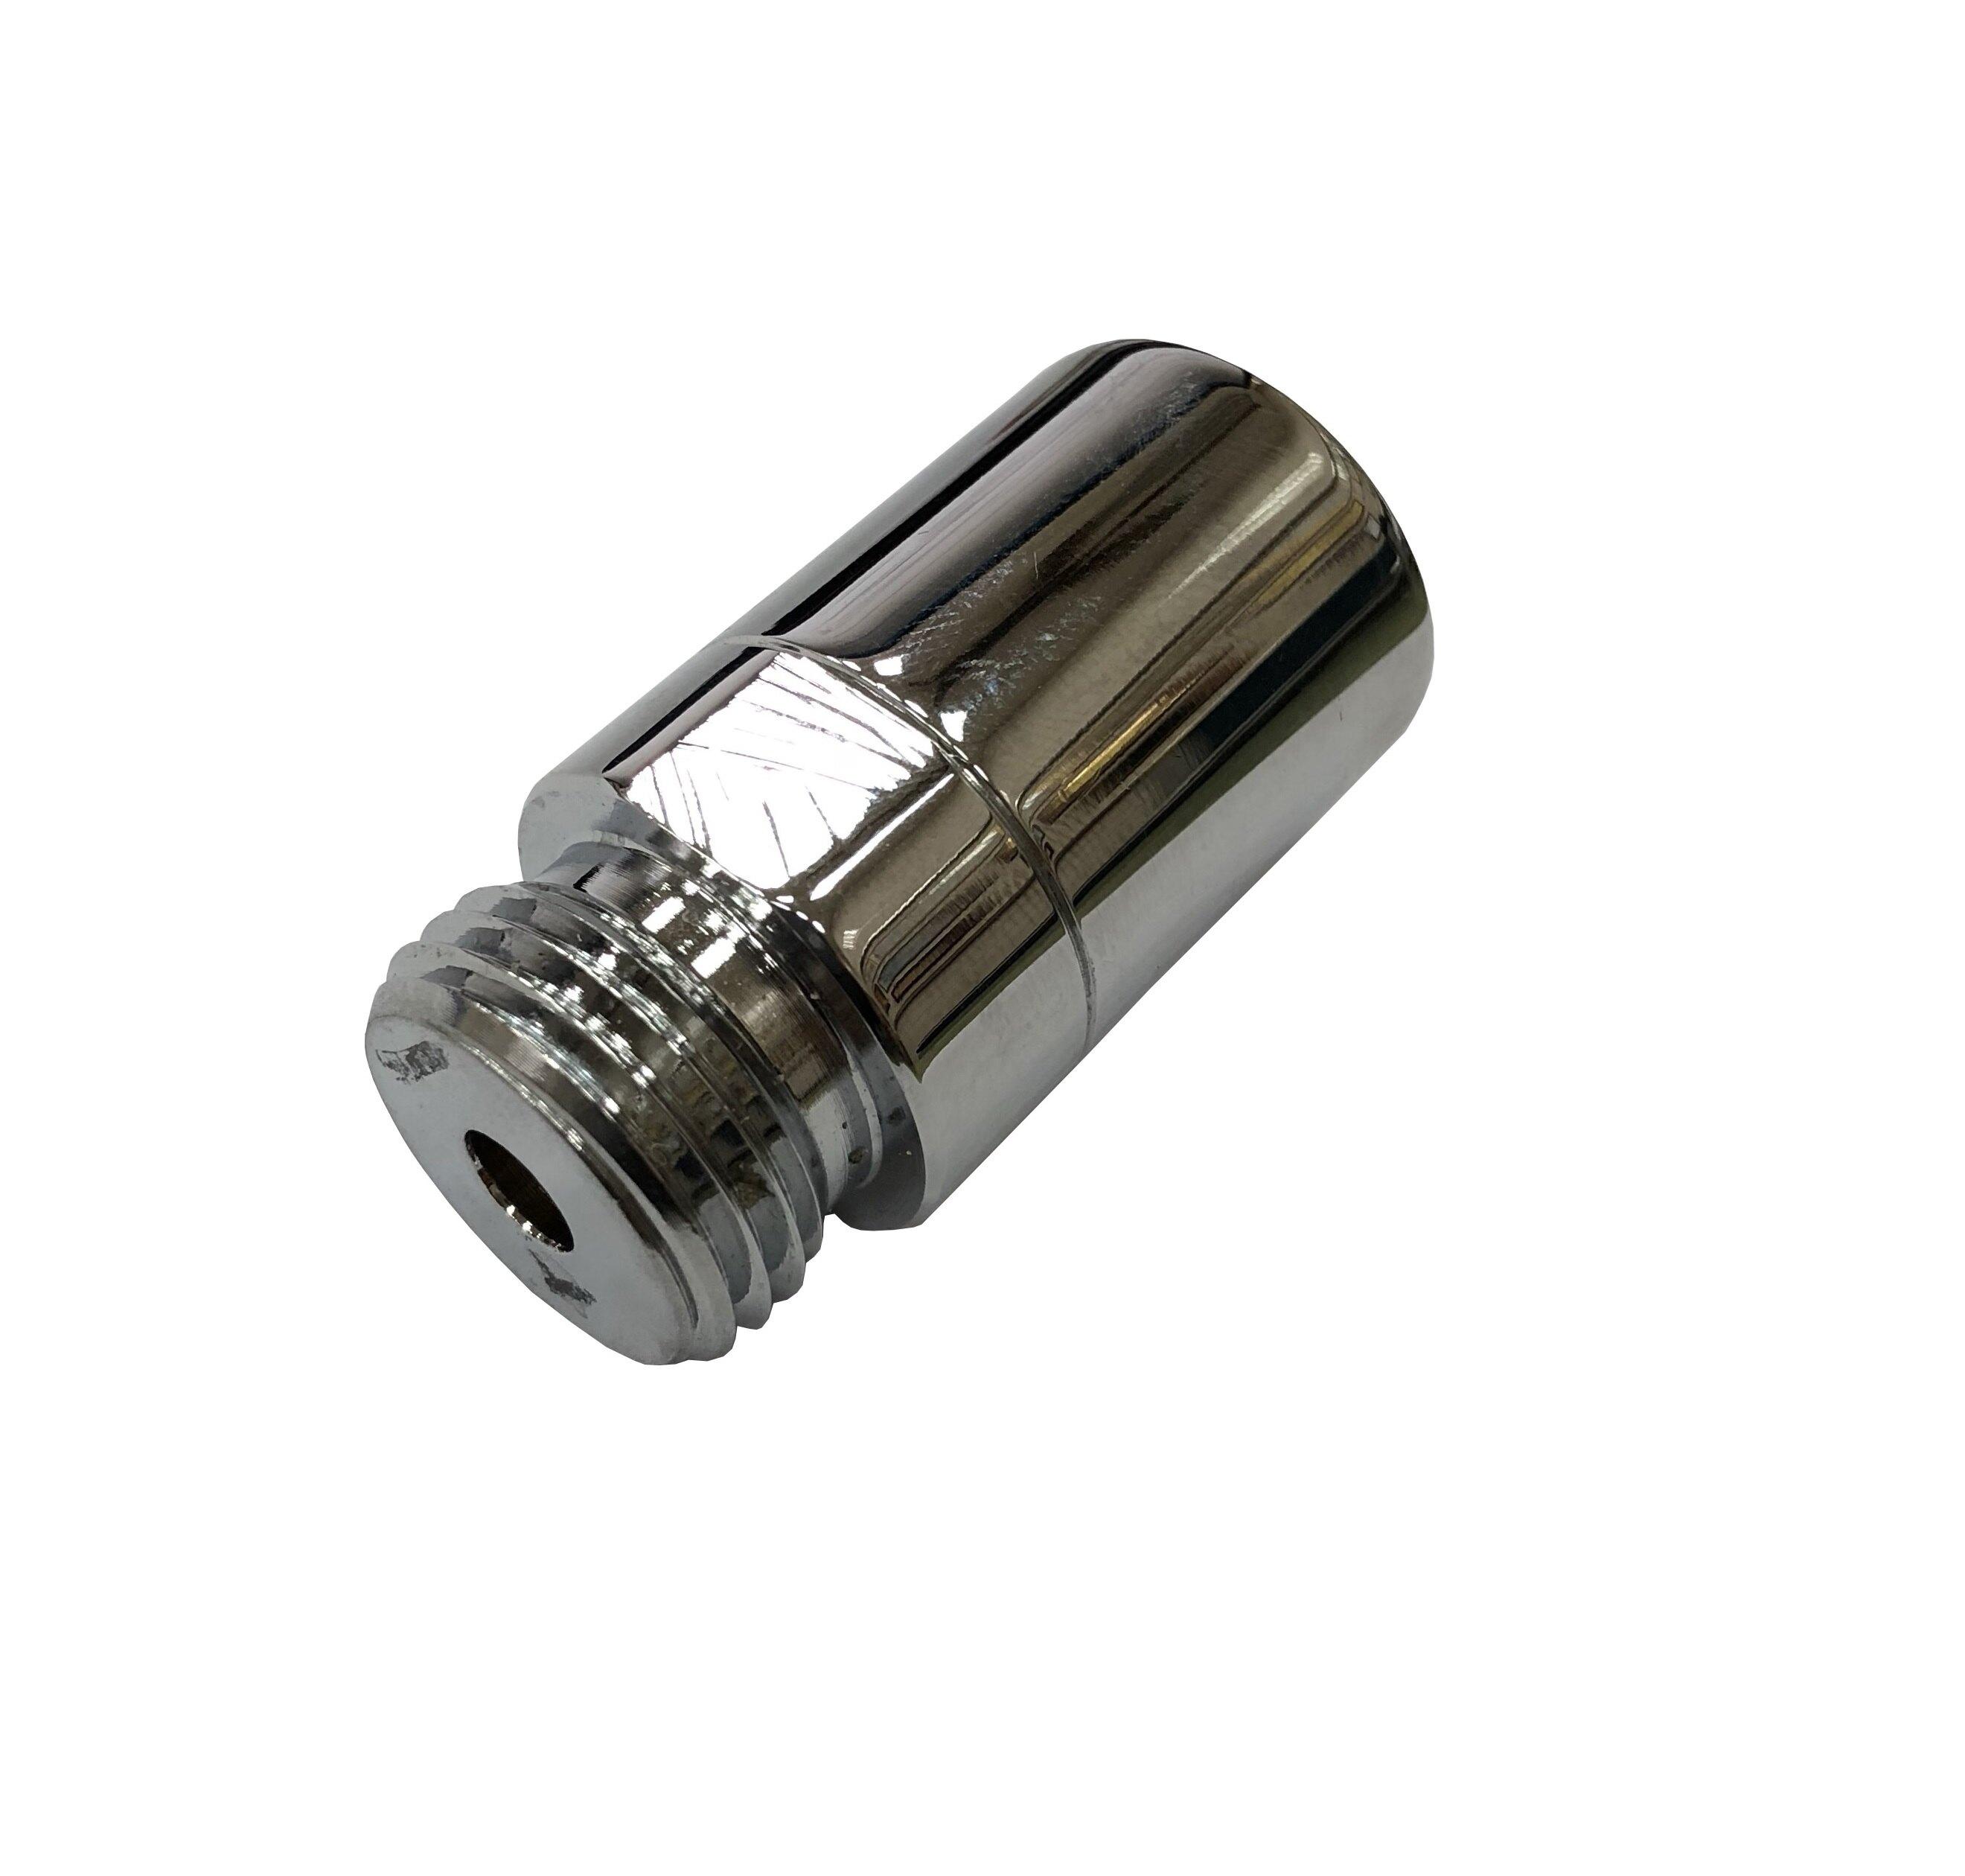 彰化水五金║高溫防燙安全閥 – 淋浴水龍頭專用型/BT-P04C-12/欣錩